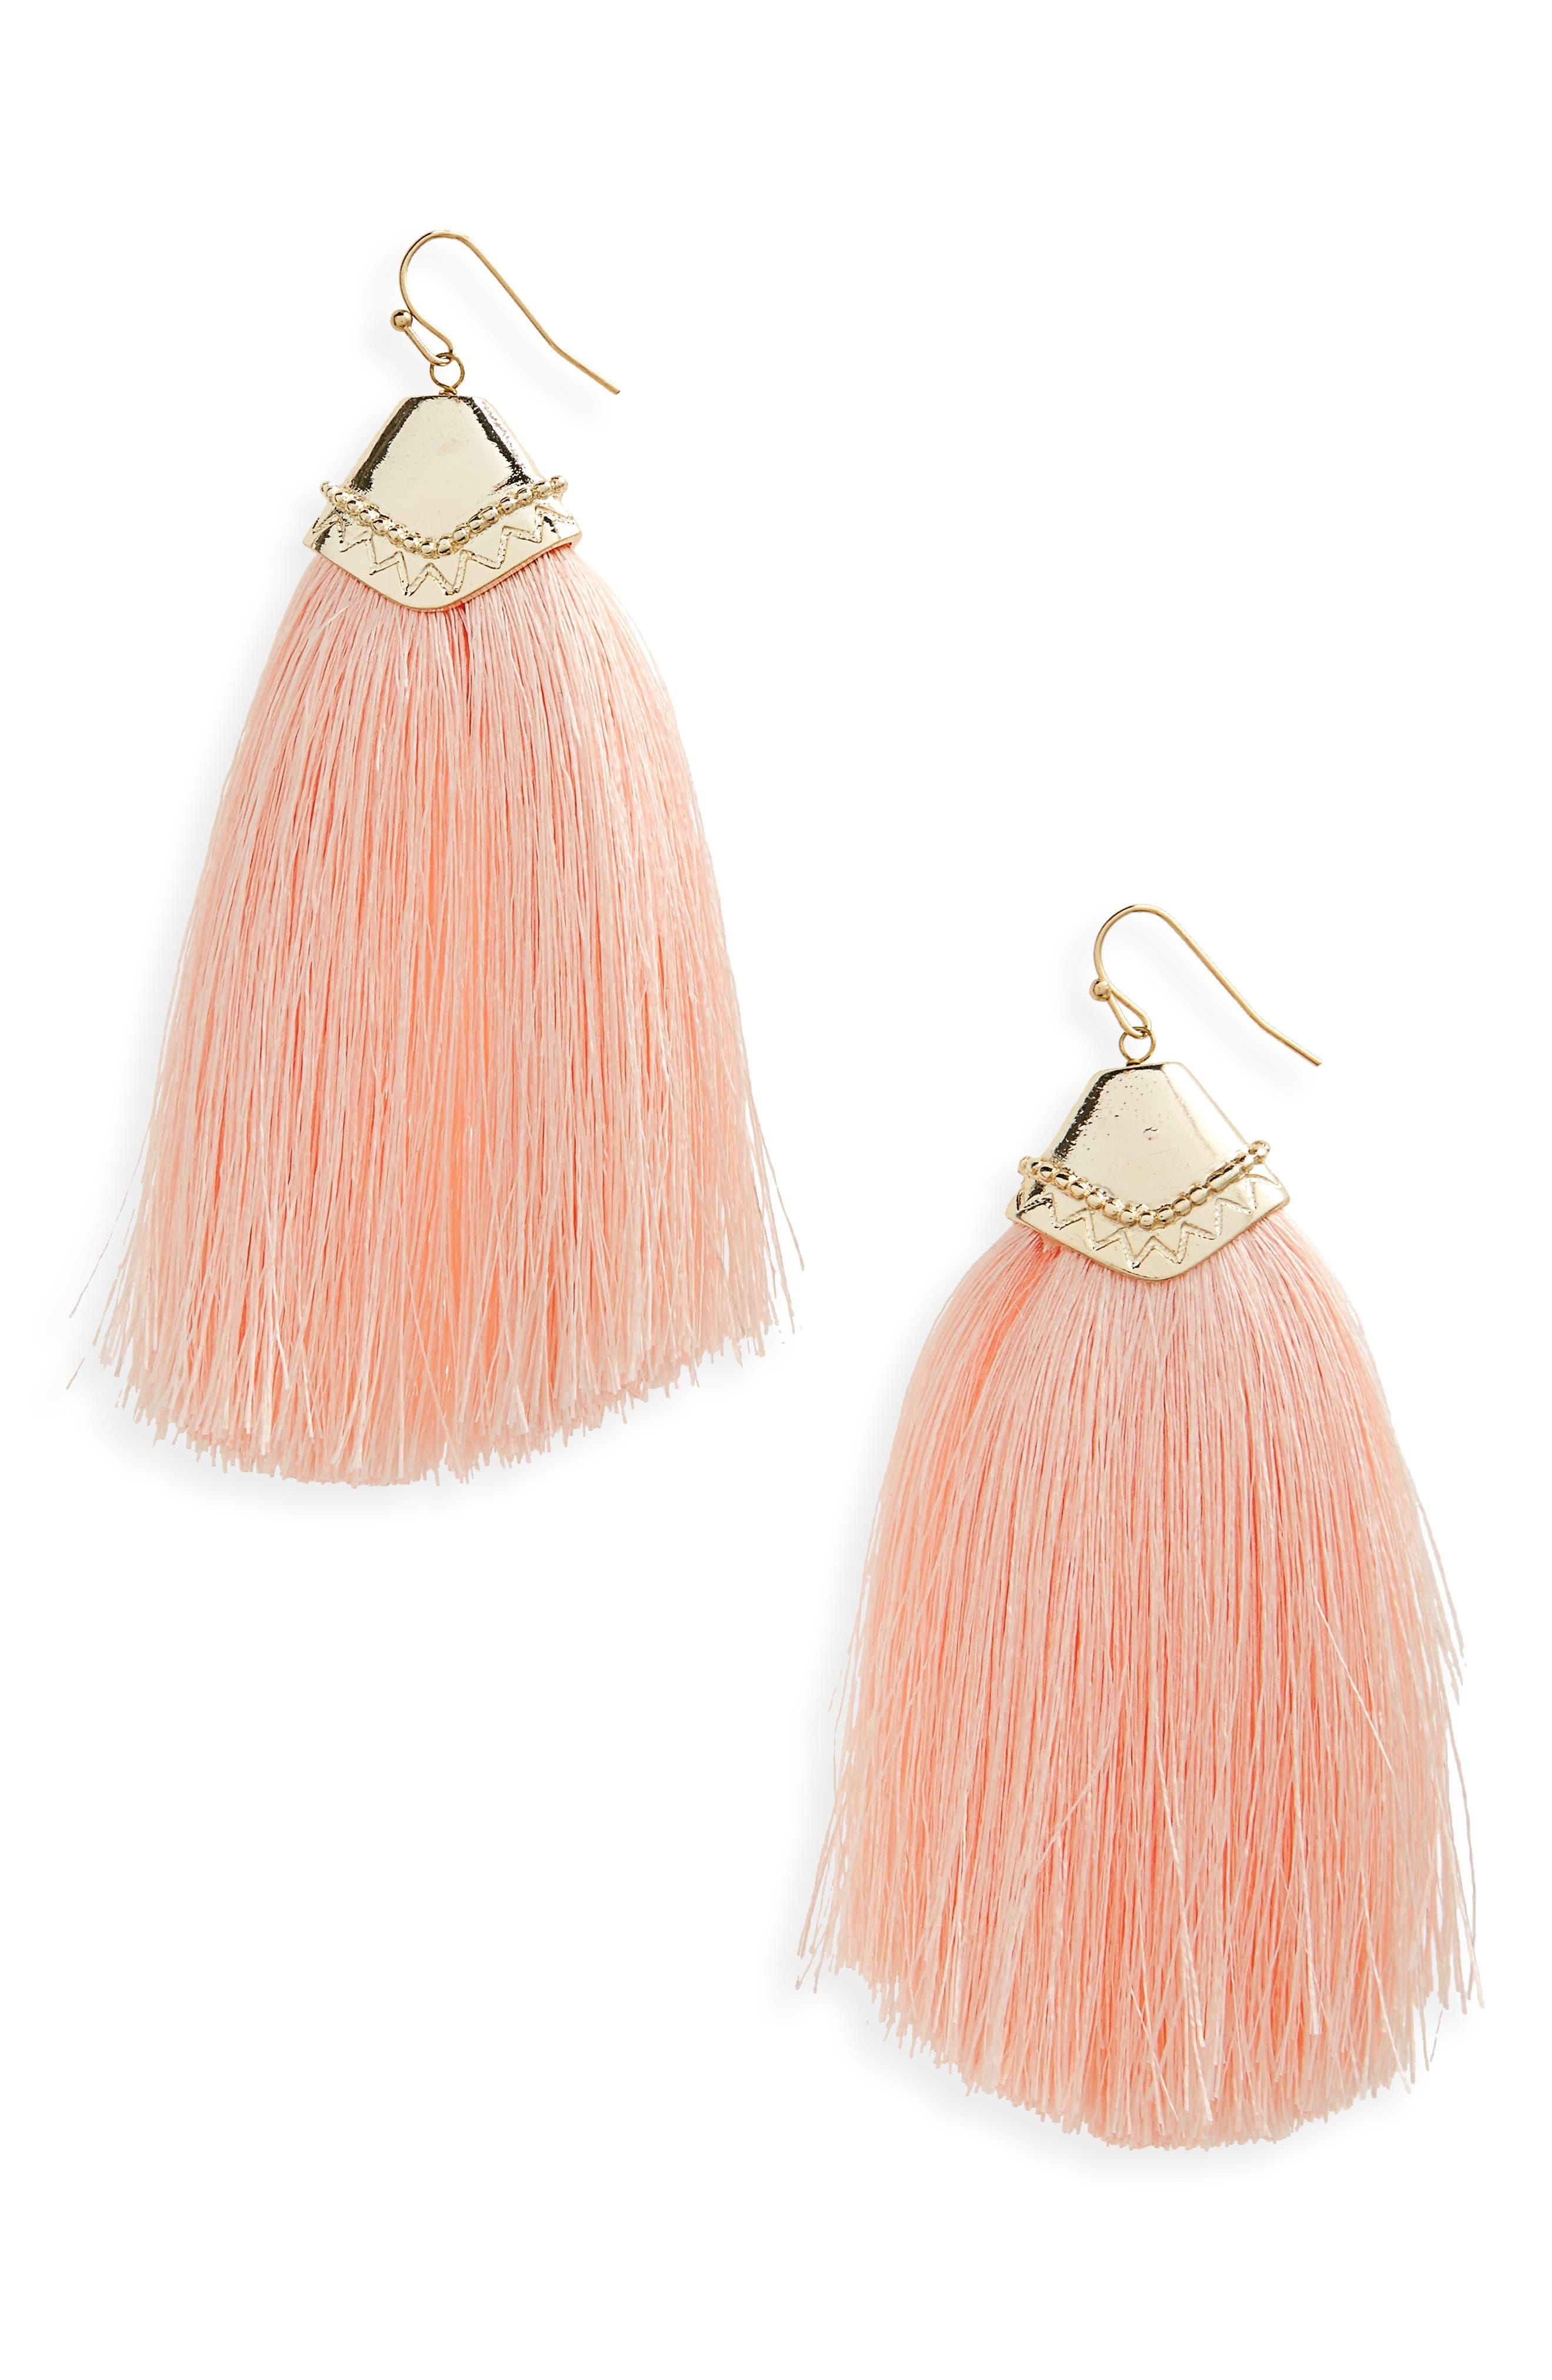 Main Image - Panacea Fan Tassel Earrings